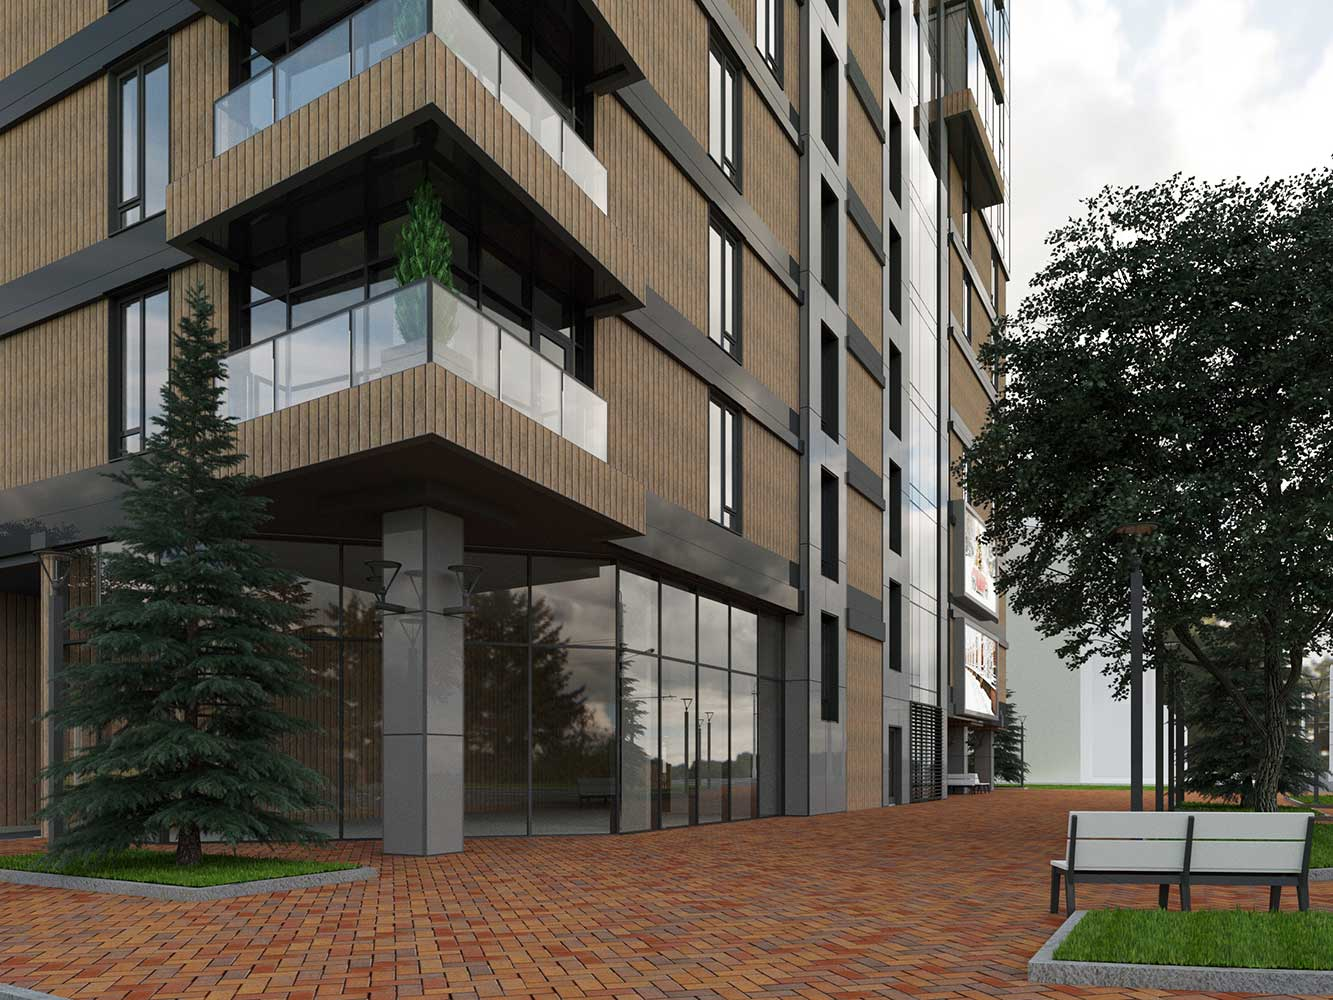 Многоэтажный торгово-бытовой комплекс с помещениями общественного назначения и паркинга (фото 12)